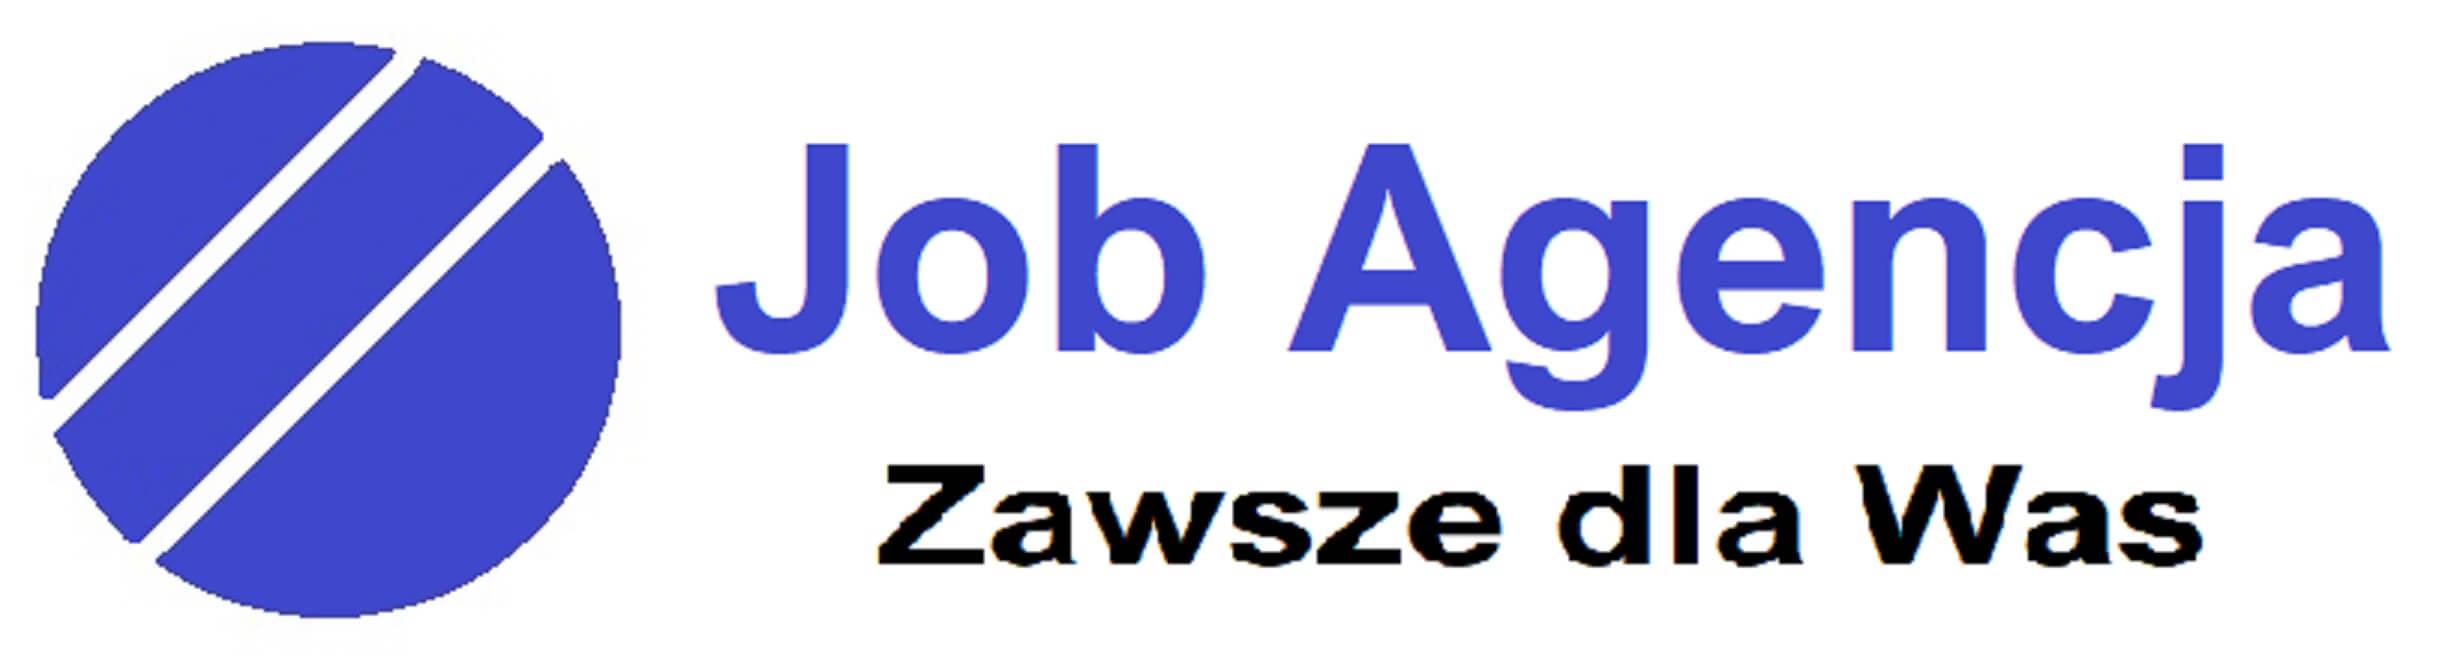 Job Agencja